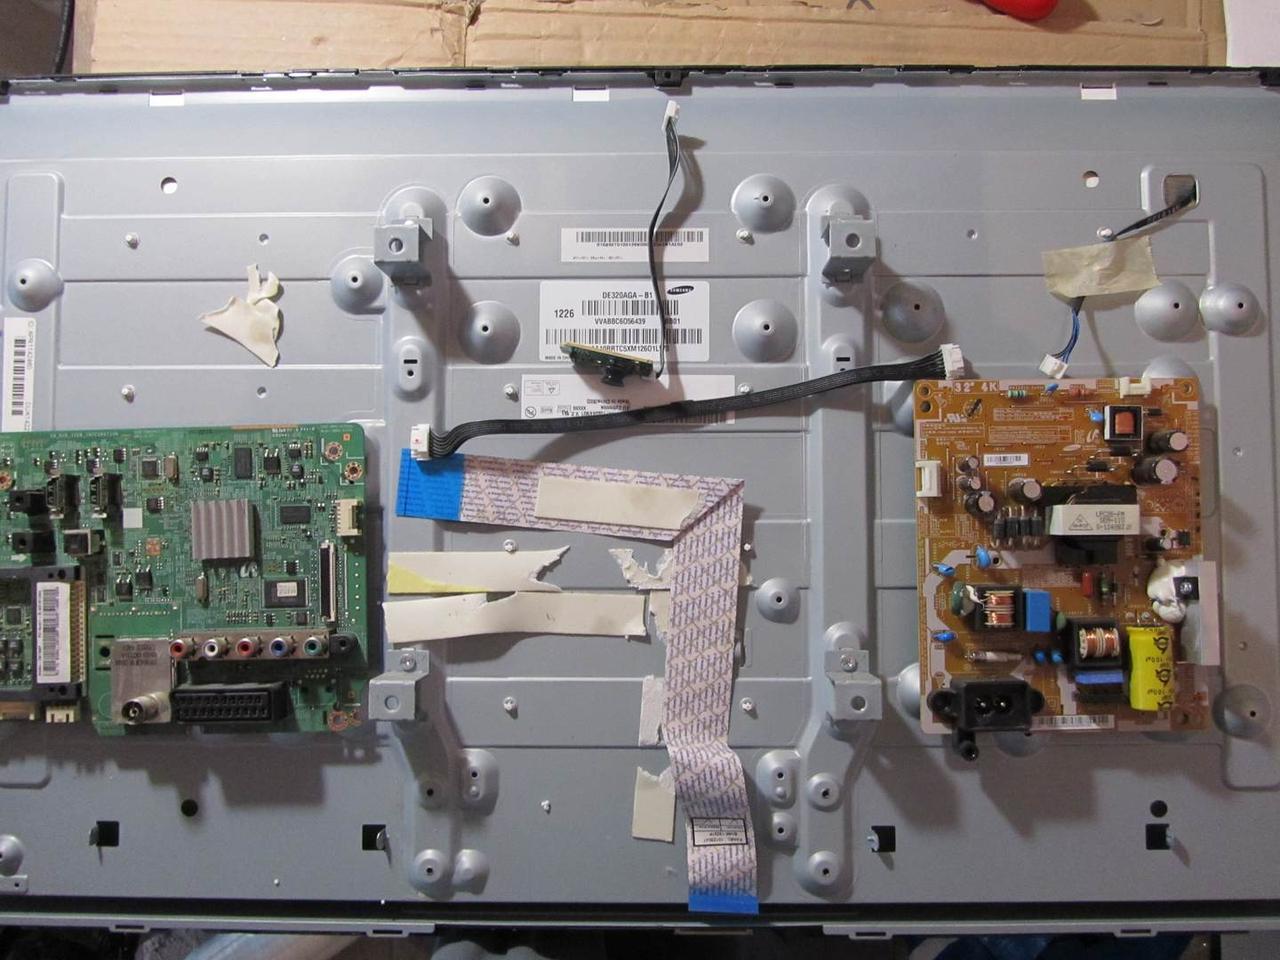 Запчасти к телевизору Samsung UE32EH4030W (BN41-01795A, BN44-00492A, T320XVN03.0)